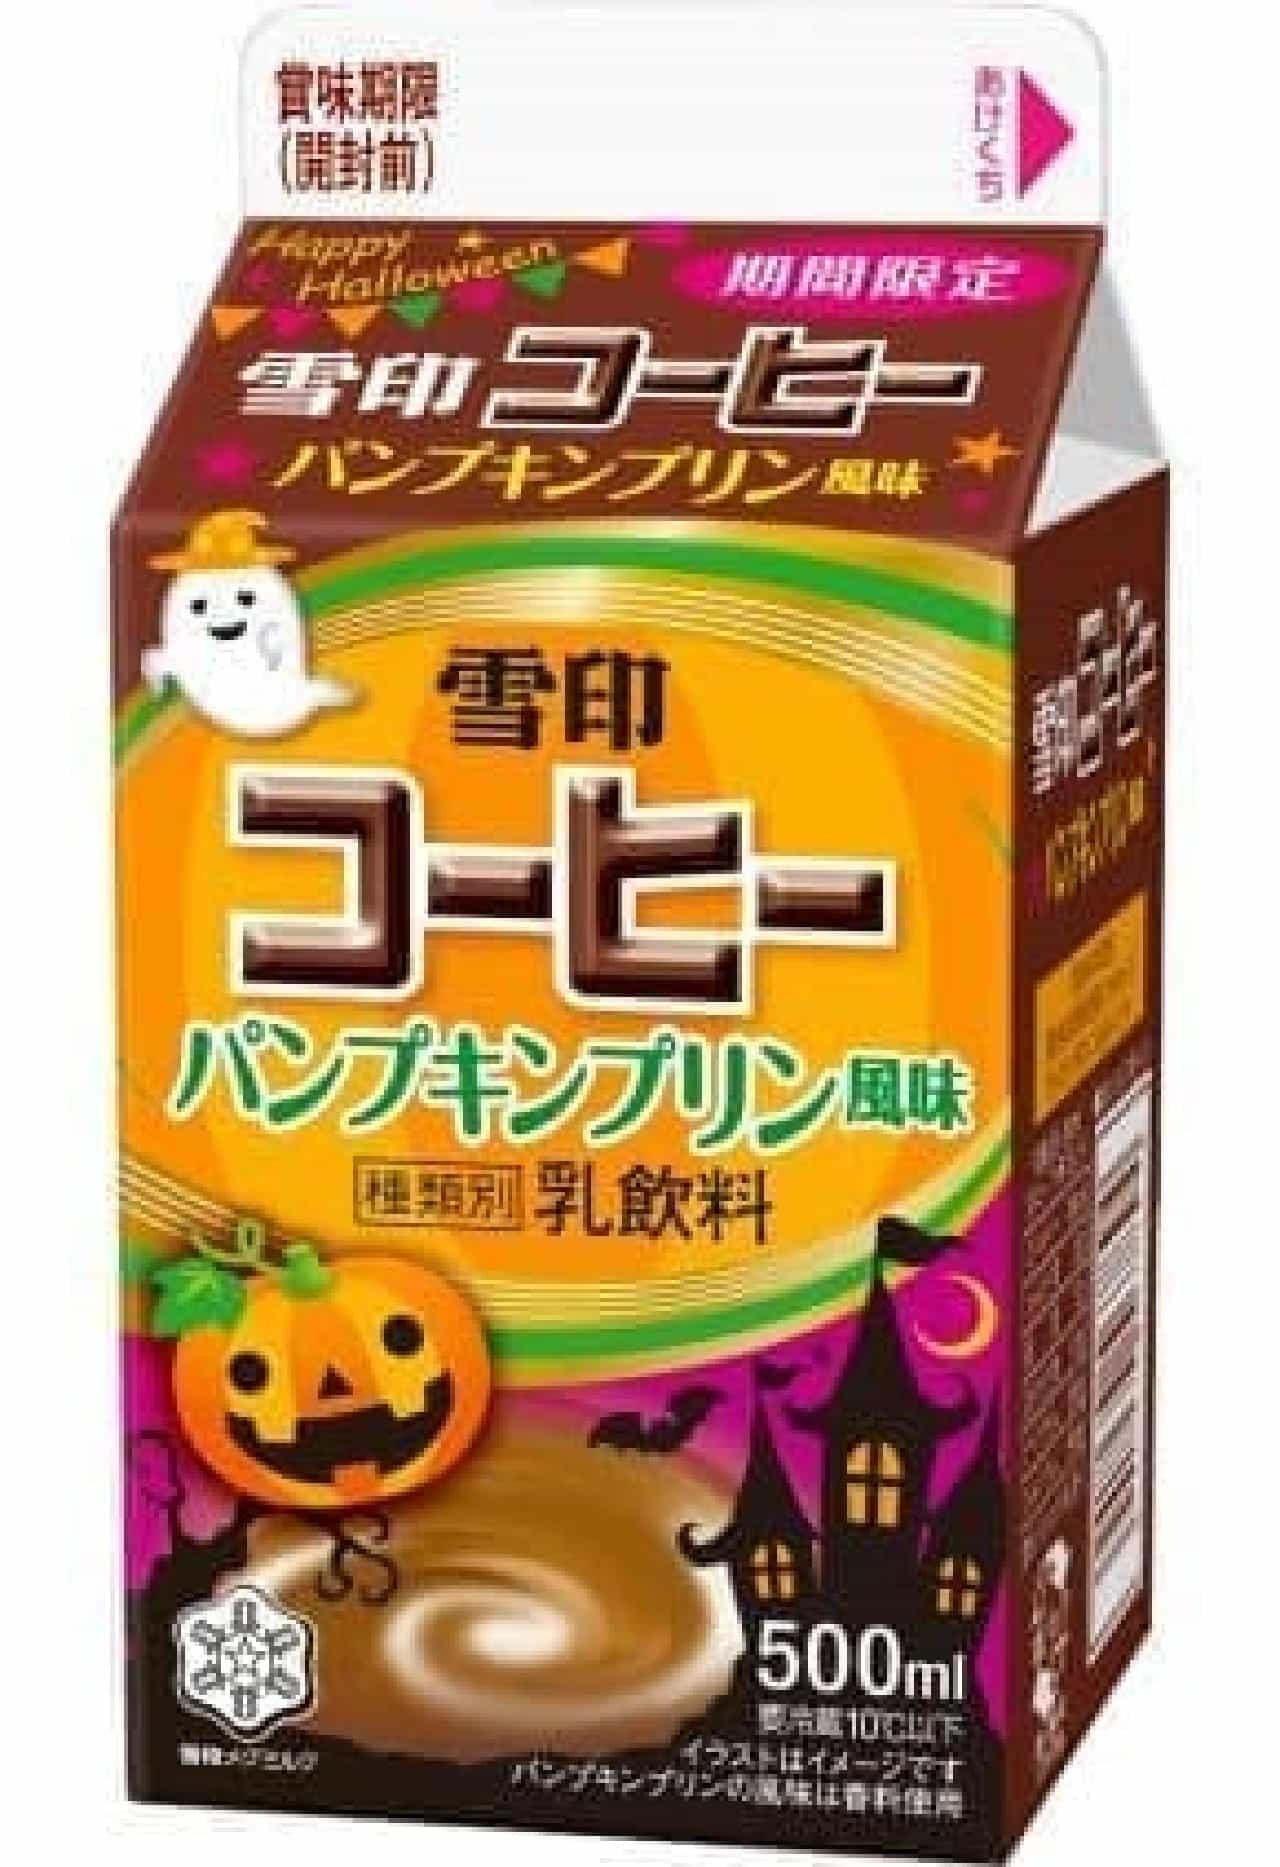 雪印メグミルク「雪印コーヒー パンプキンプリン風味」